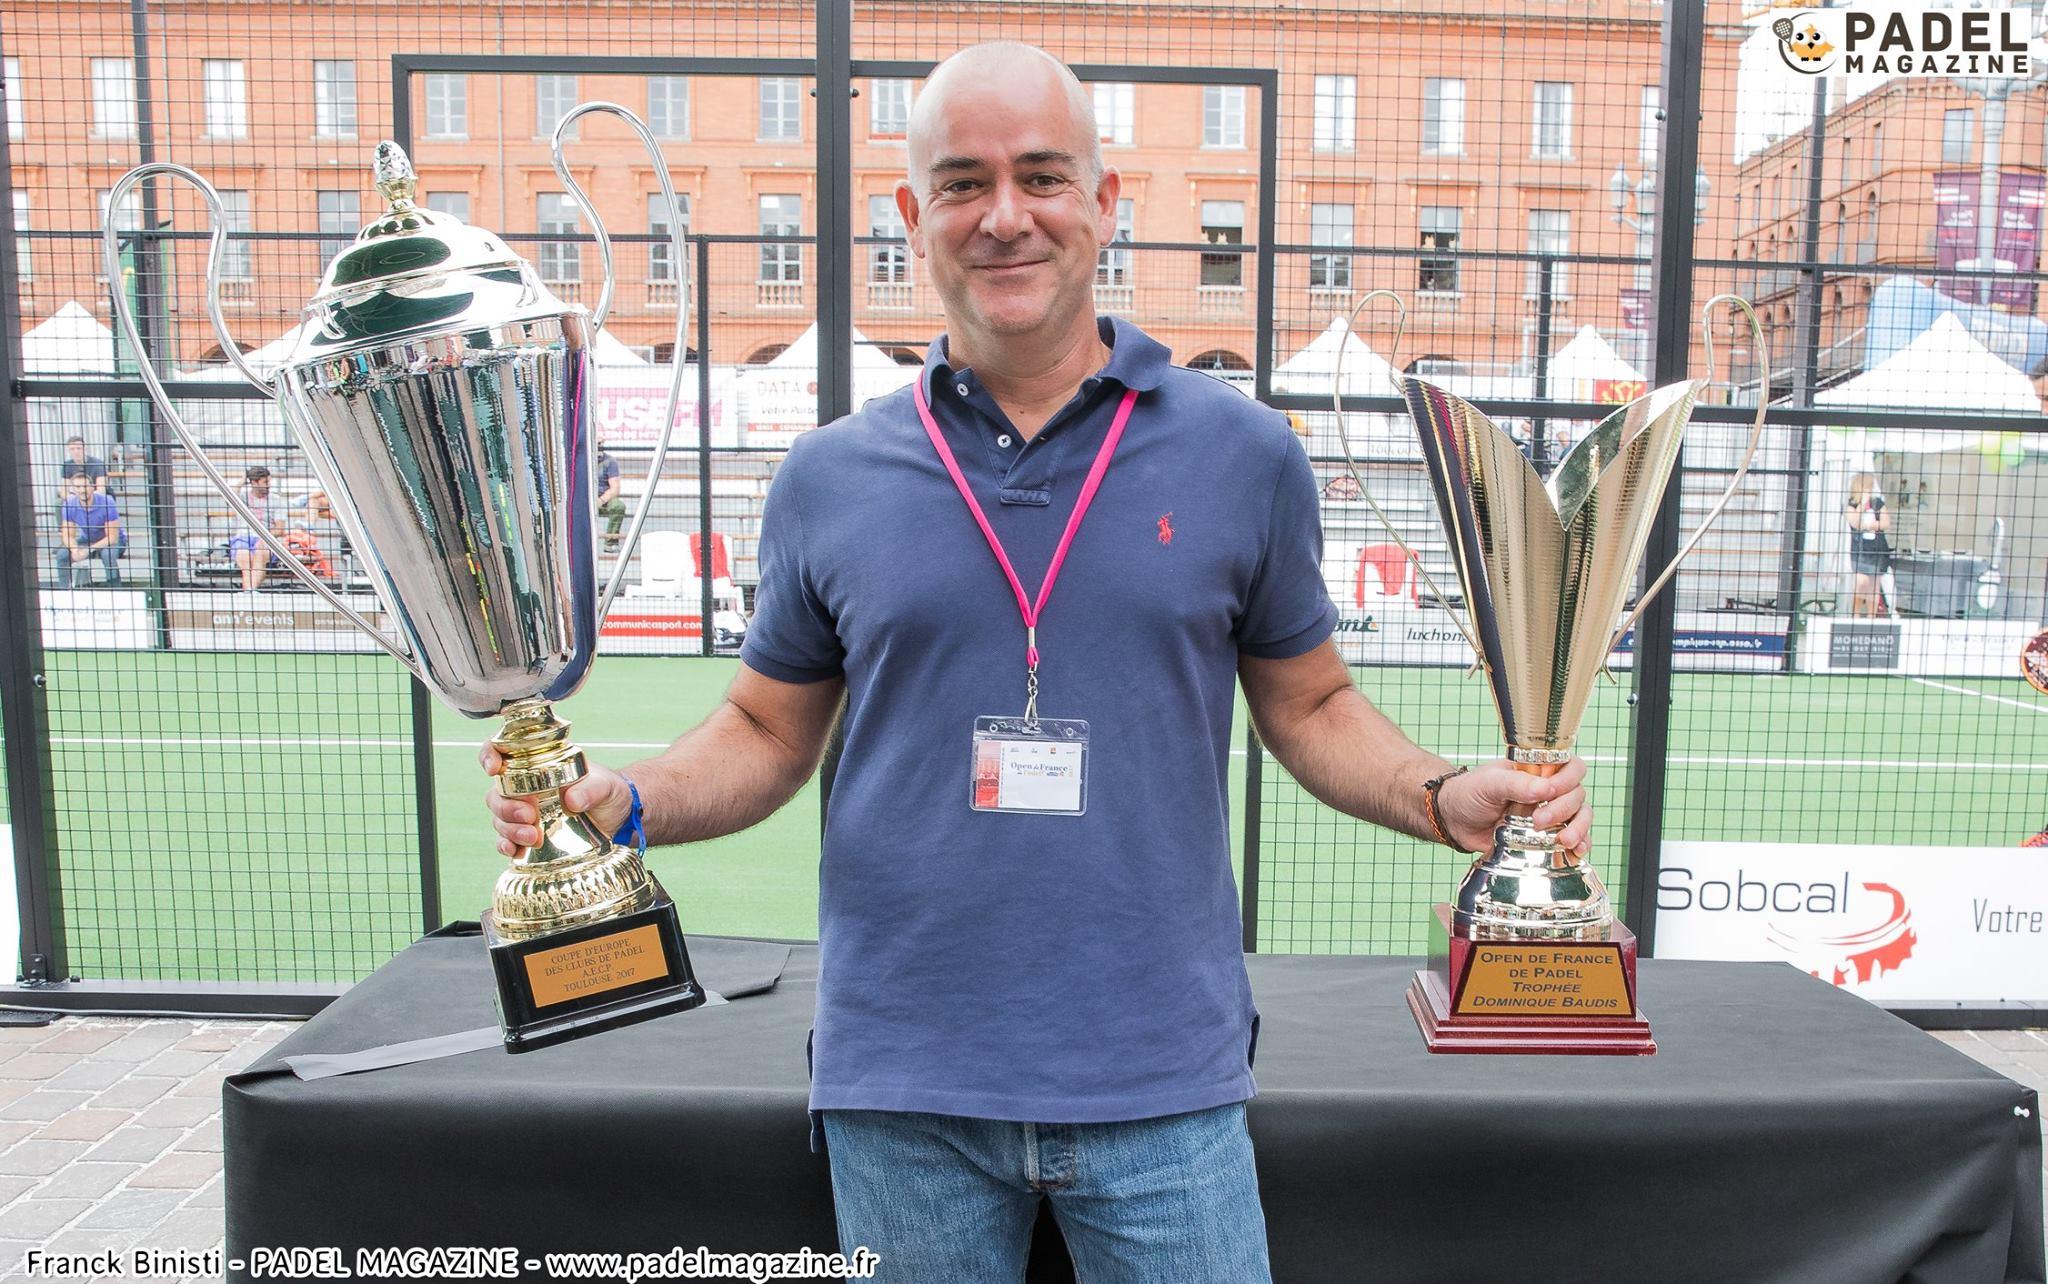 L'Euro Padel Cup est née : la 1ère Coupe d'Europe des clubs de padel